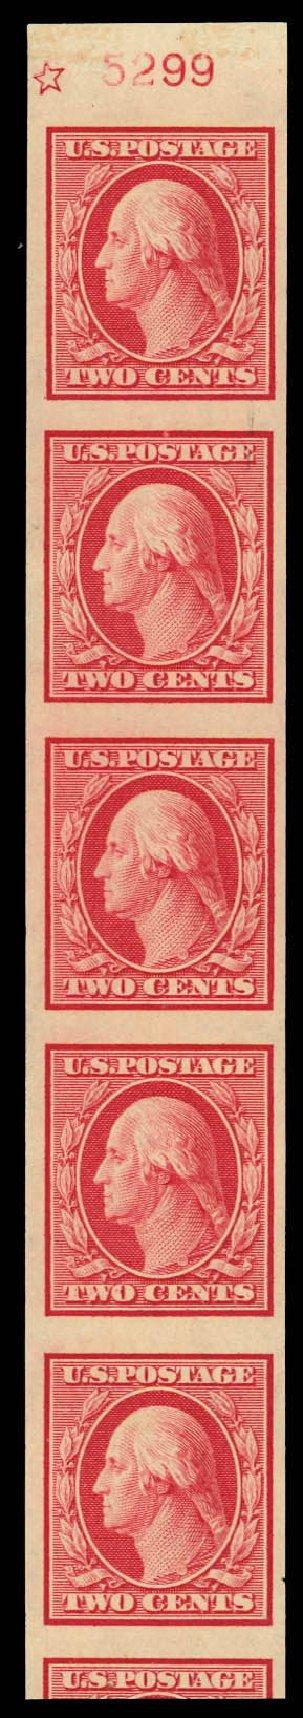 Prices of US Stamp Scott Catalogue 344 - 2c 1909 Washington Imperf. Daniel Kelleher Auctions, Aug 2012, Sale 631, Lot 1113